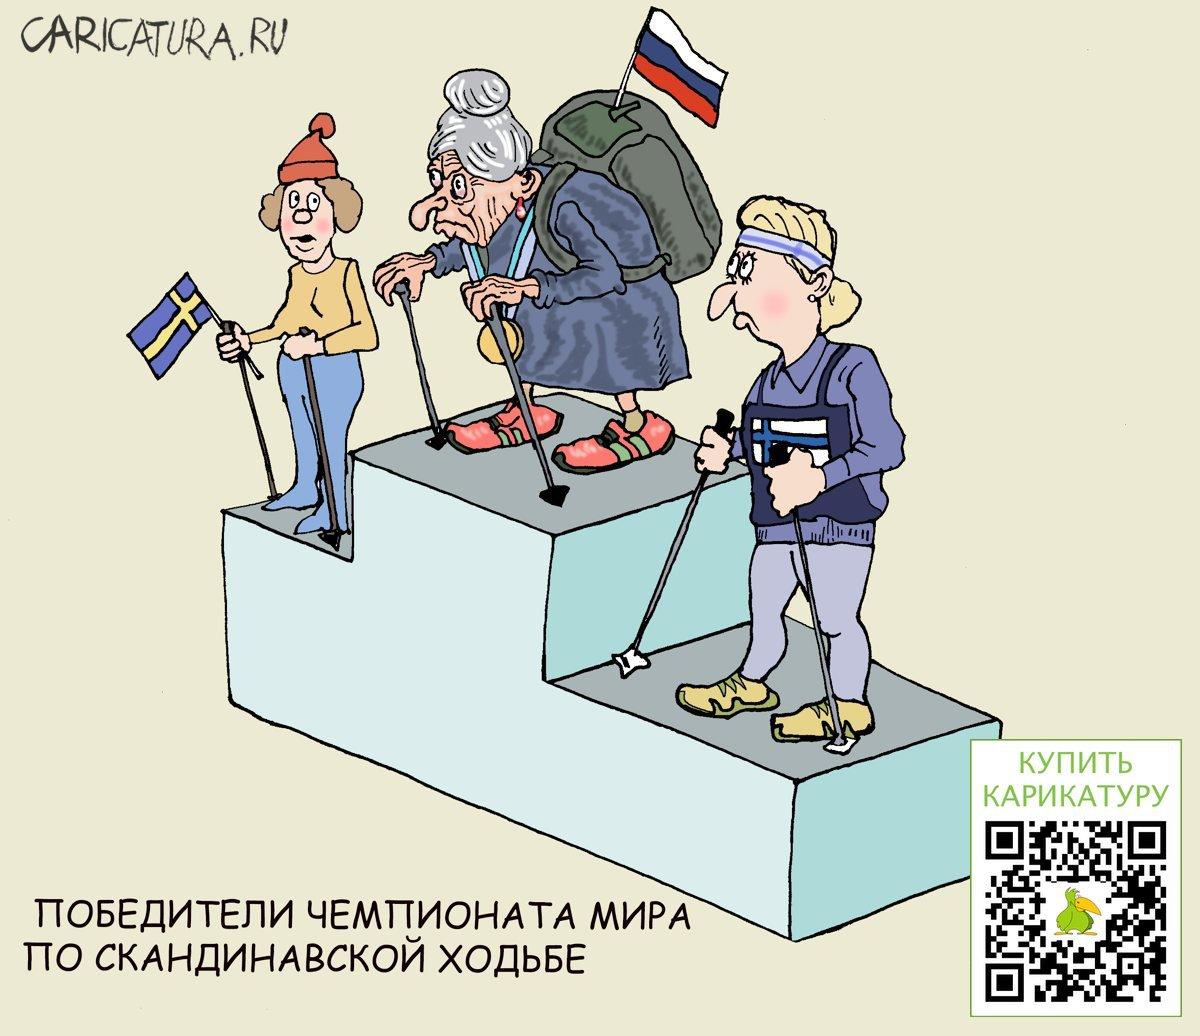 Впереди наши!, Булат Ирсаев